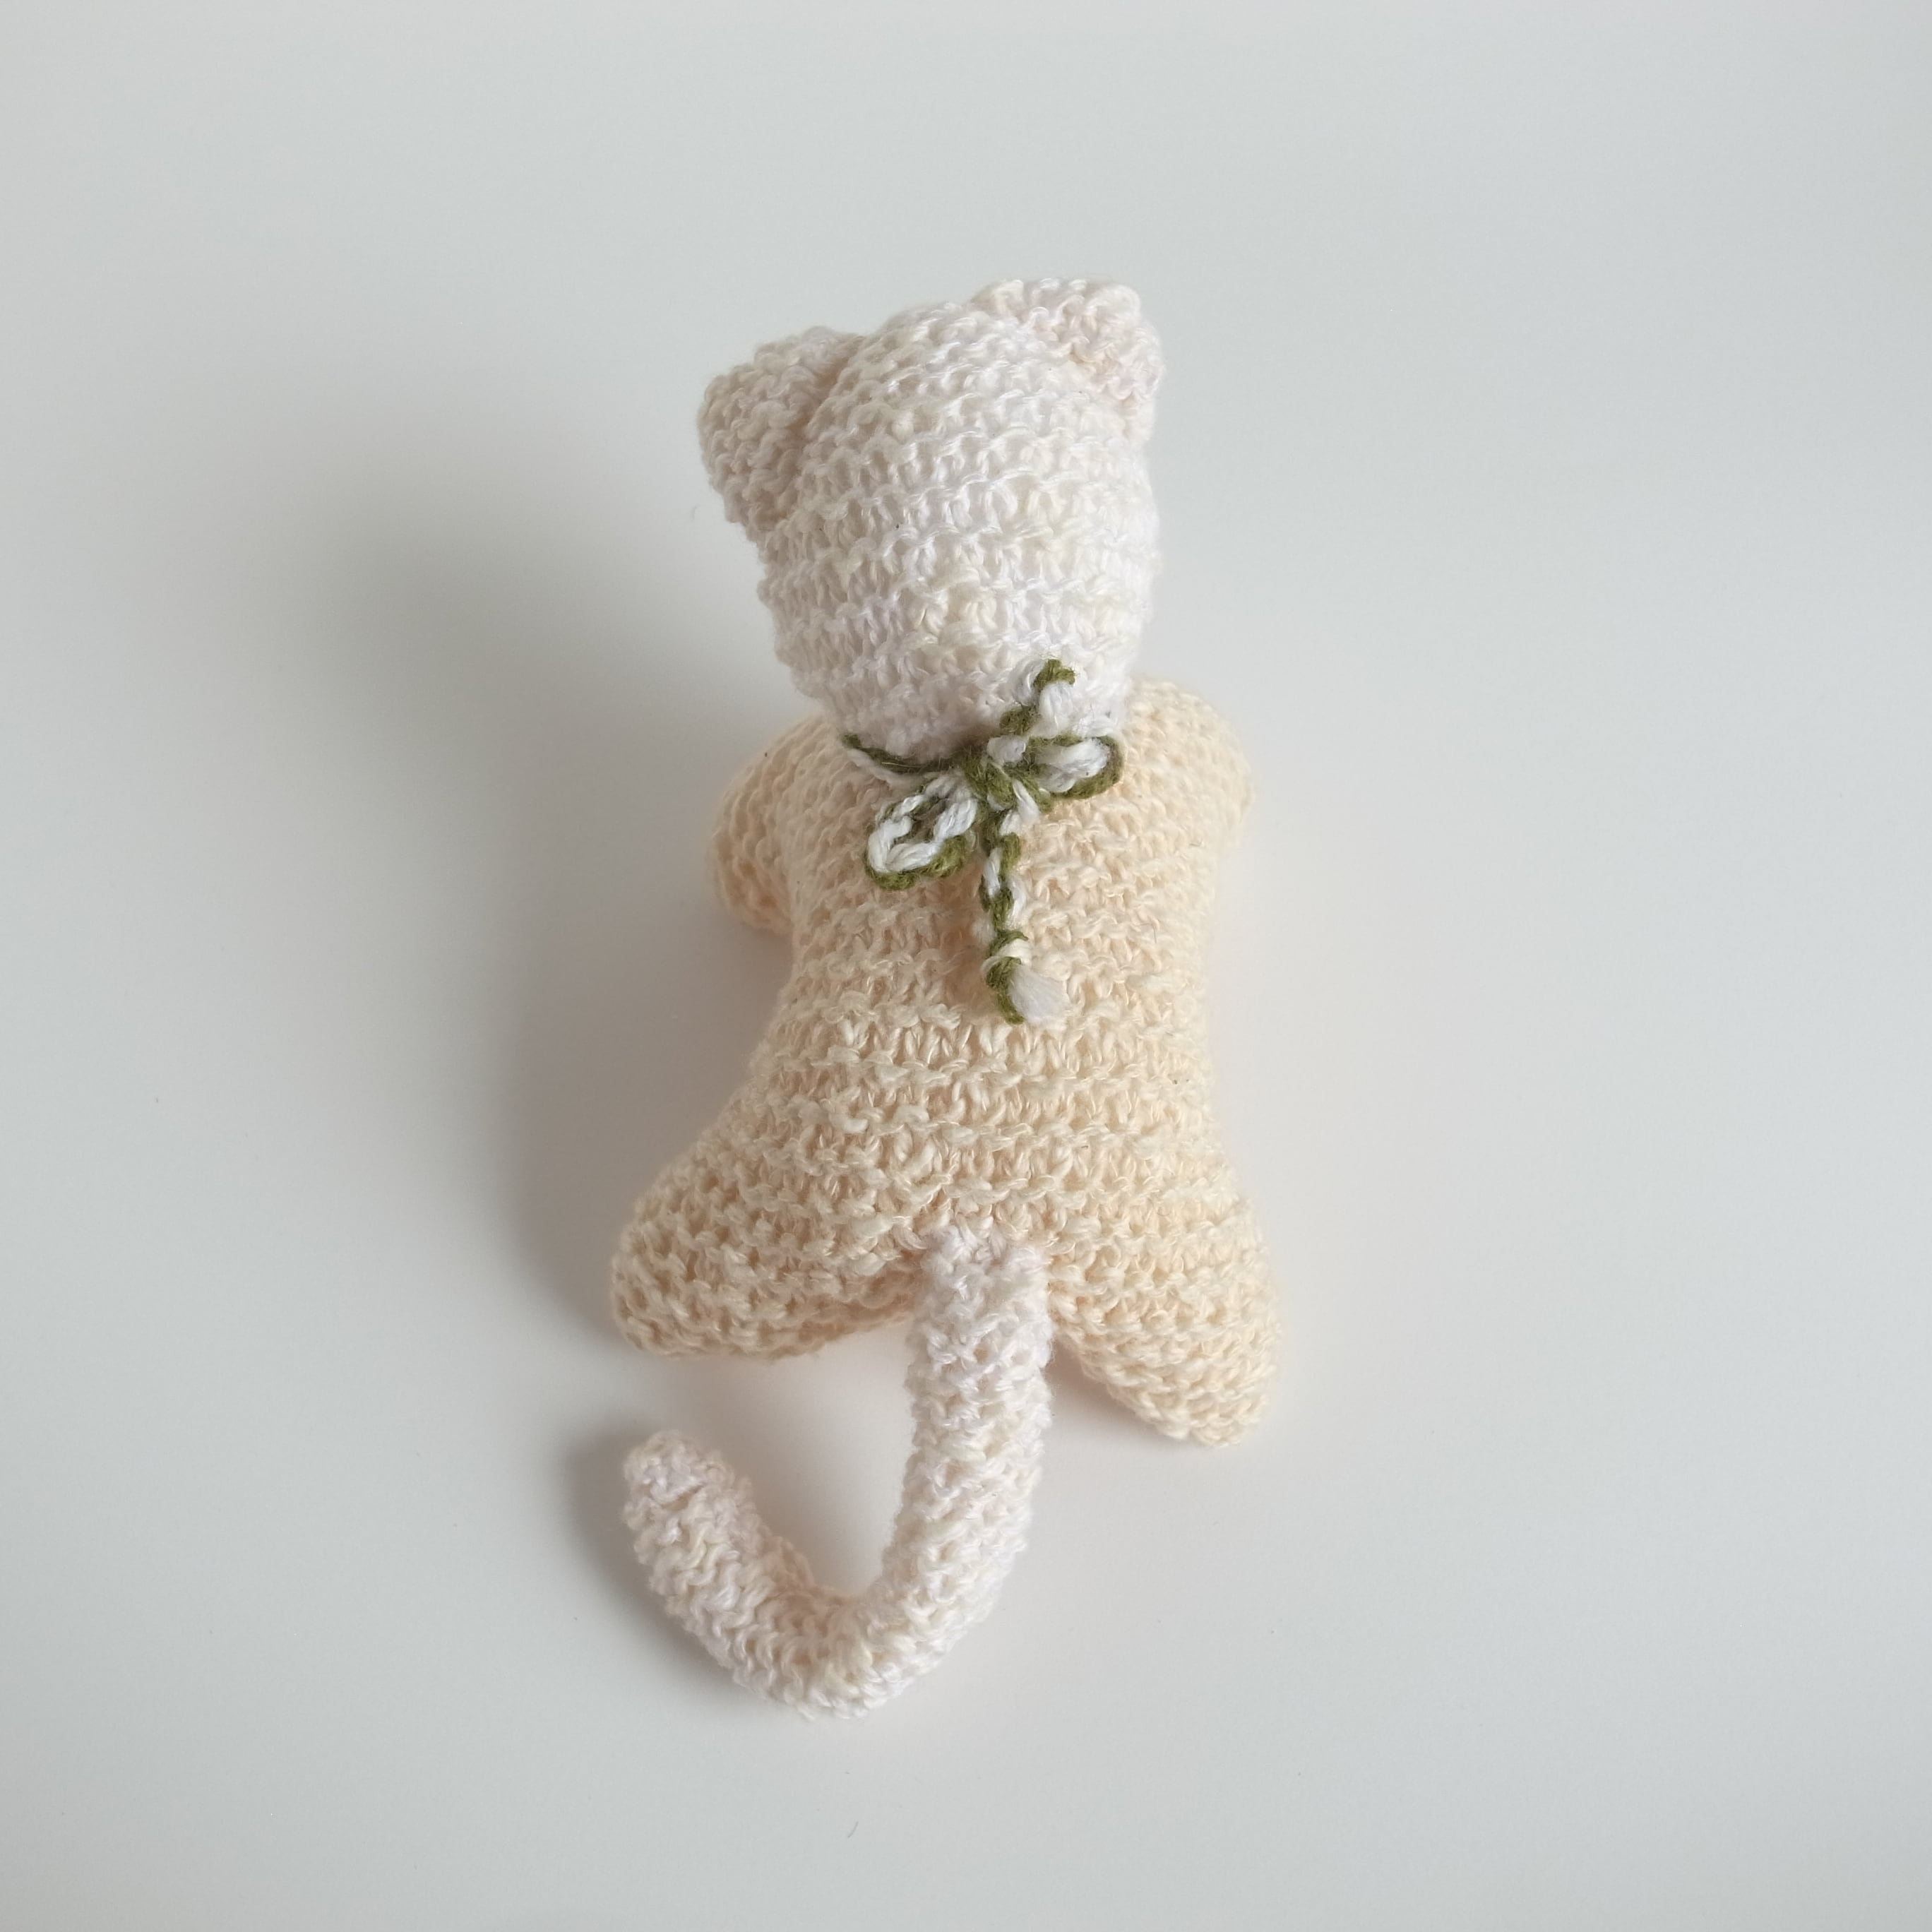 ネコ 編みぐるみ